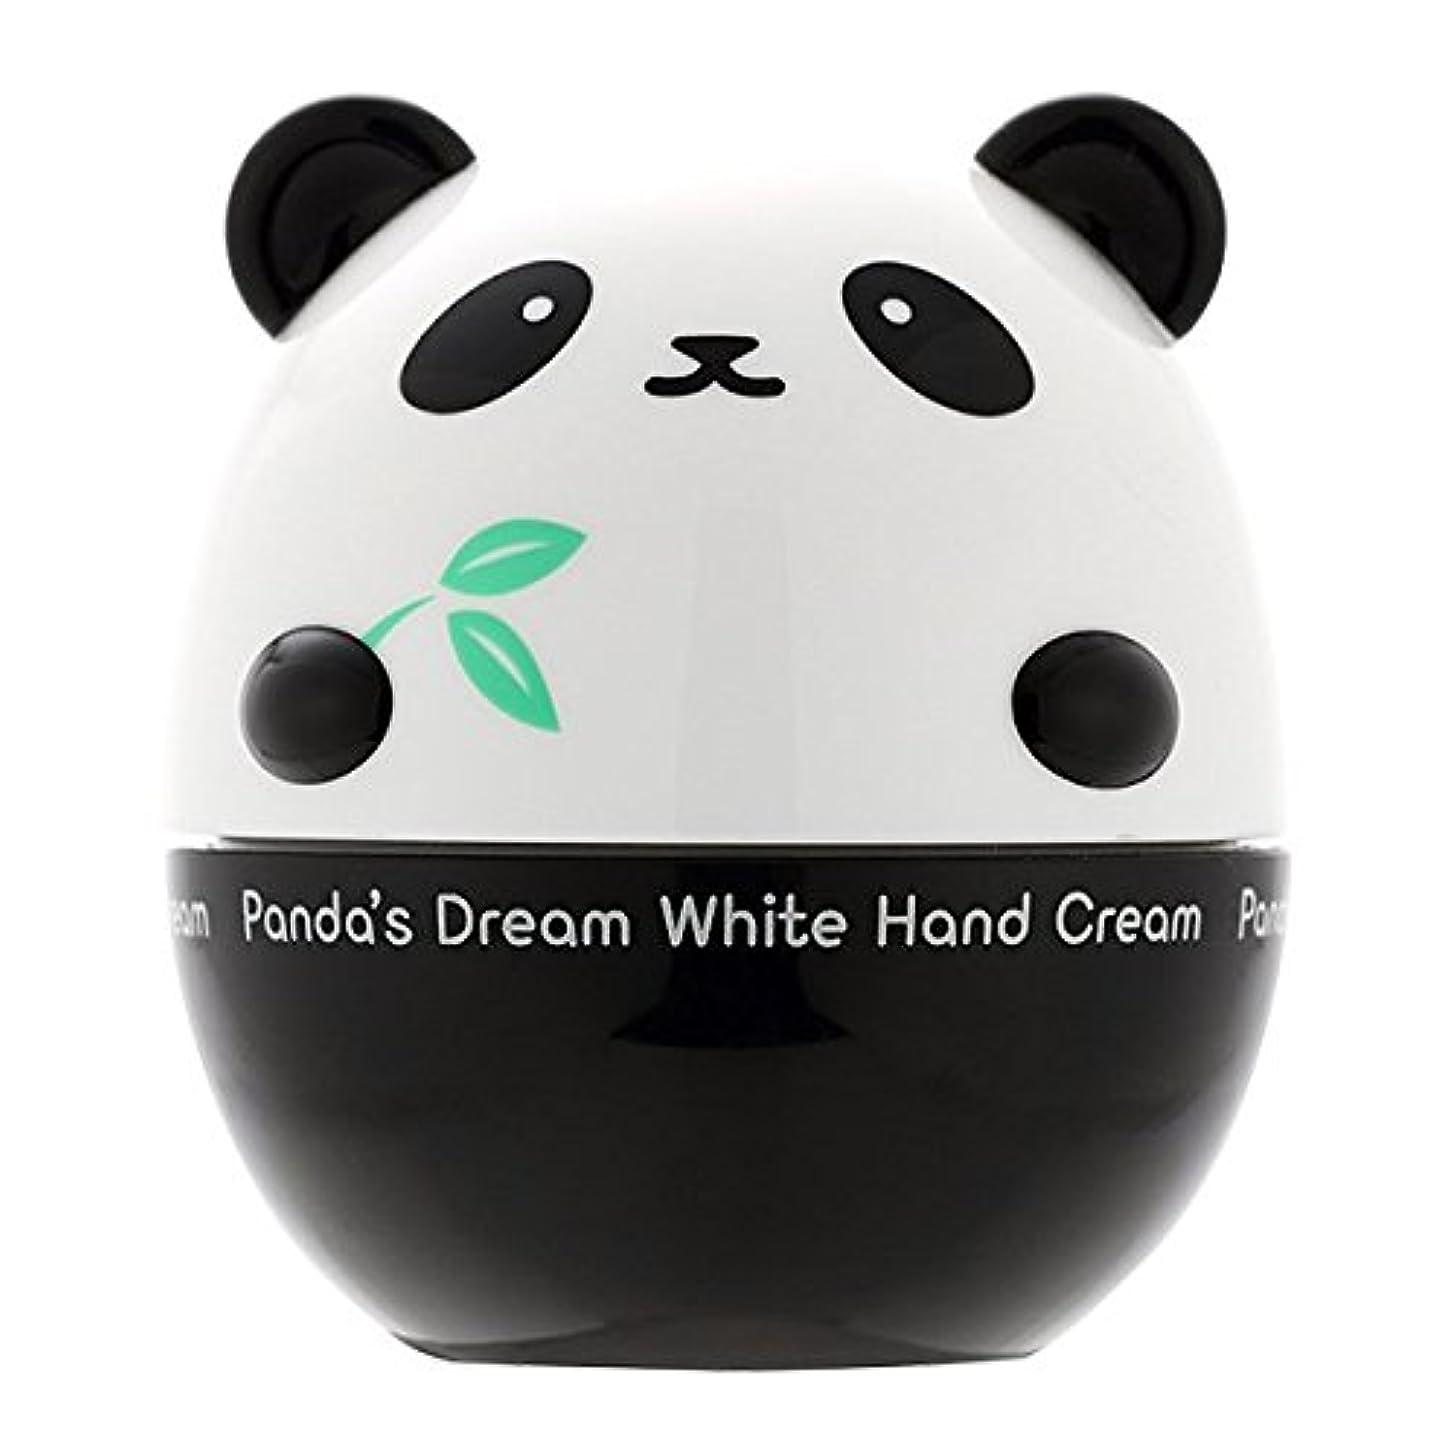 並外れて広げる恵みTONYMOLY パンダのゆめ ホワイトマジッククリーム 50g Panda's Dream White Magic Cream 照明クリームトニーモリー下地の代わりに美肌クリーム美肌成分含有 【韓国コスメ】トニーモリー